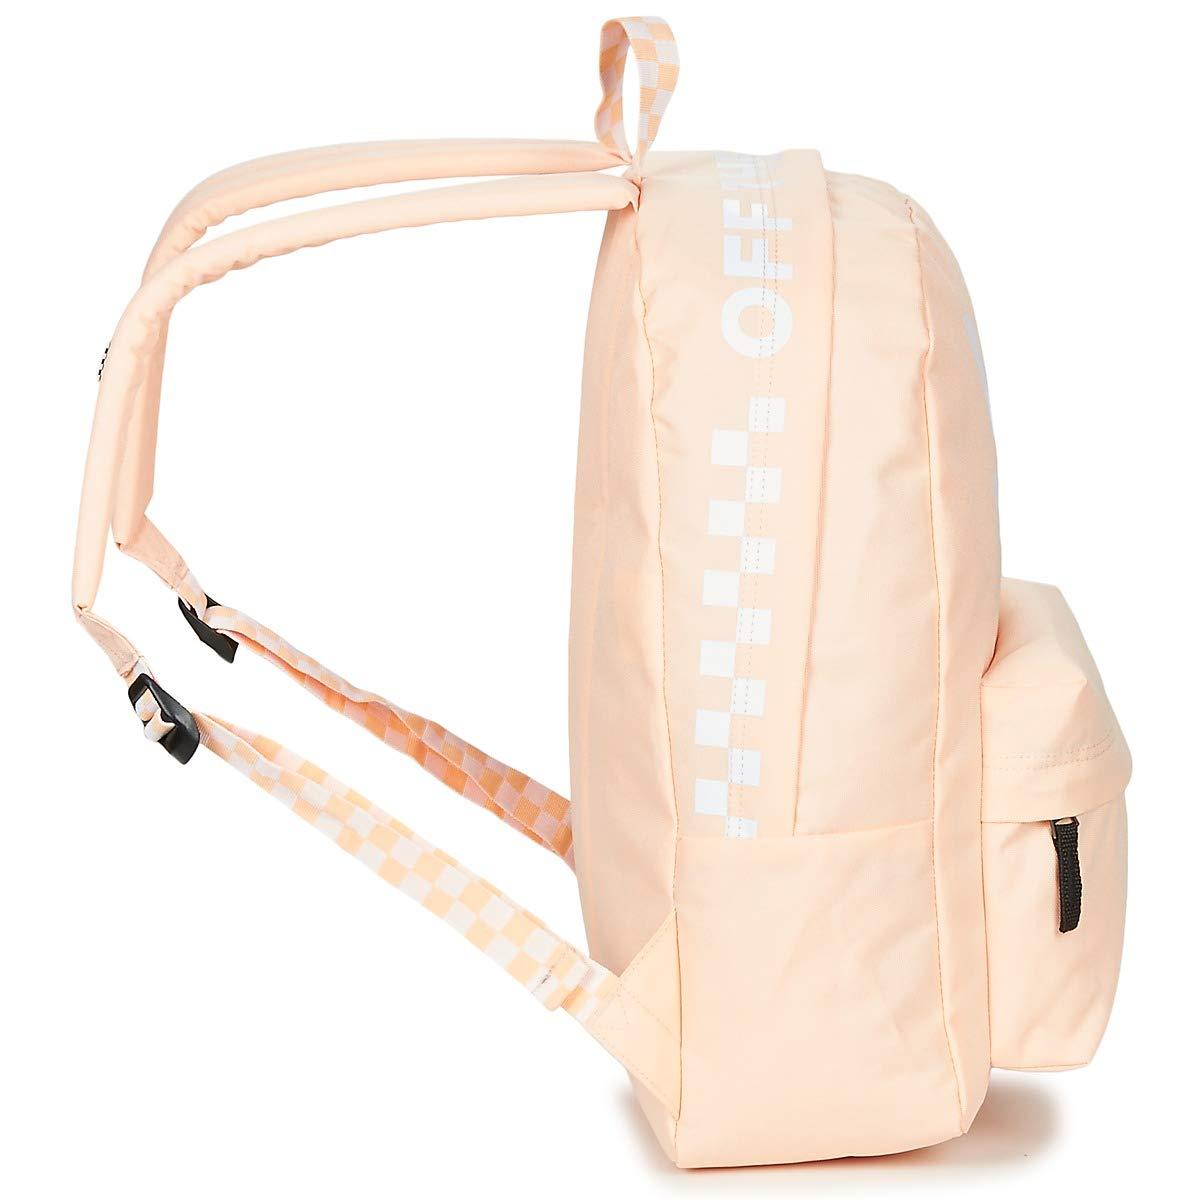 Vans Mochila Escolar Nueva Temporada XA3RBD 191932774272 (T-U): Amazon.es: Zapatos y complementos